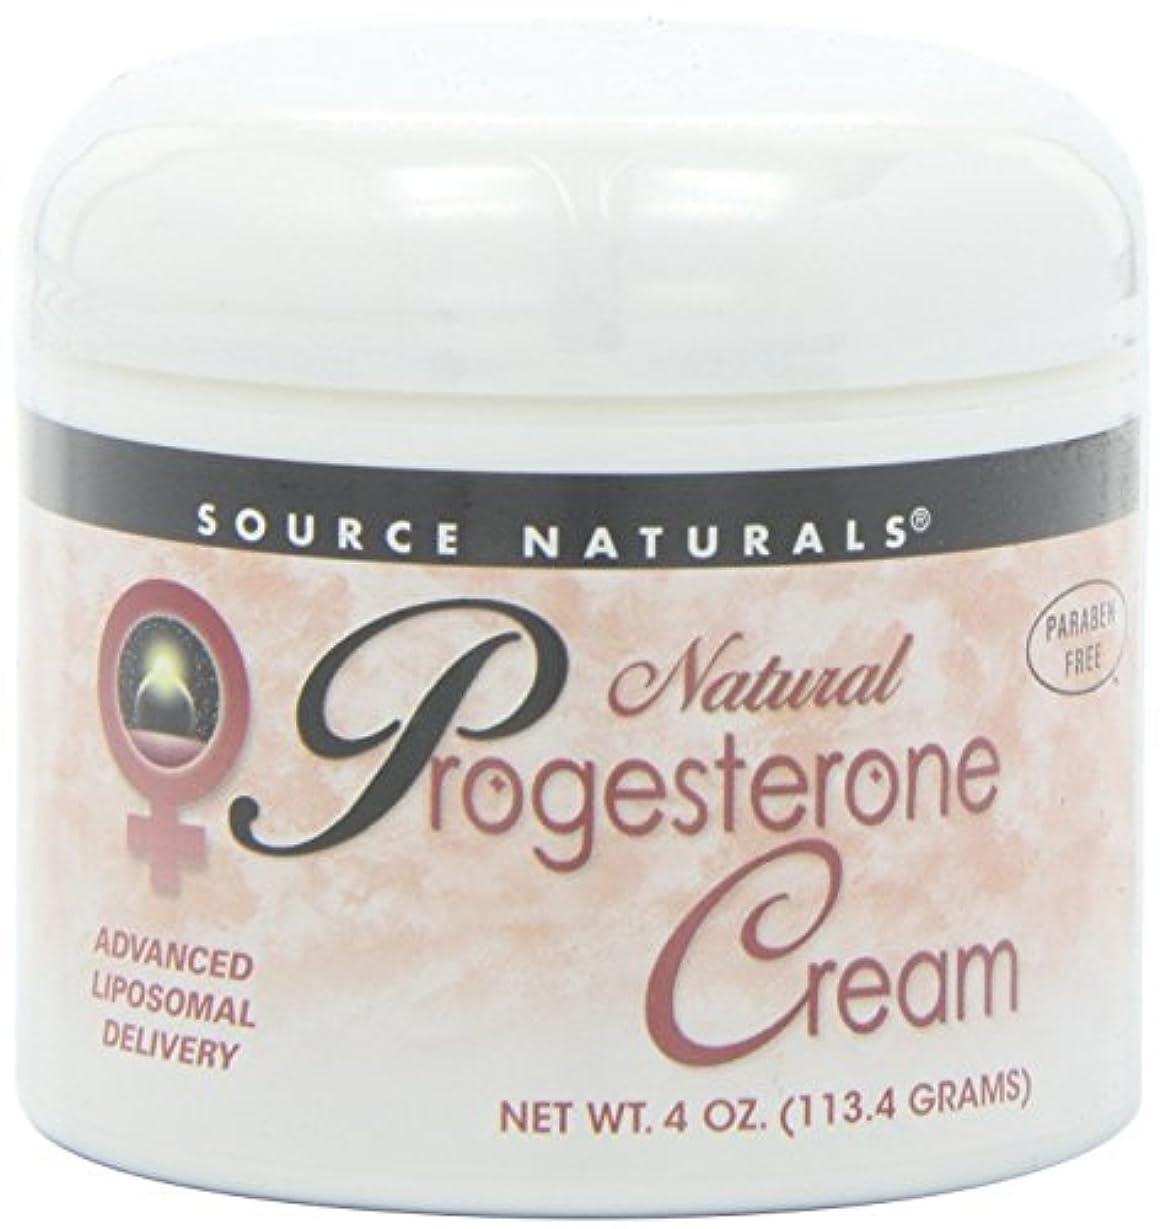 テレマコスことわざメキシコSource Naturals Natural Progesterone Cream, 4 Ounce (113.4 g) クリーム 並行輸入品 [並行輸入品]